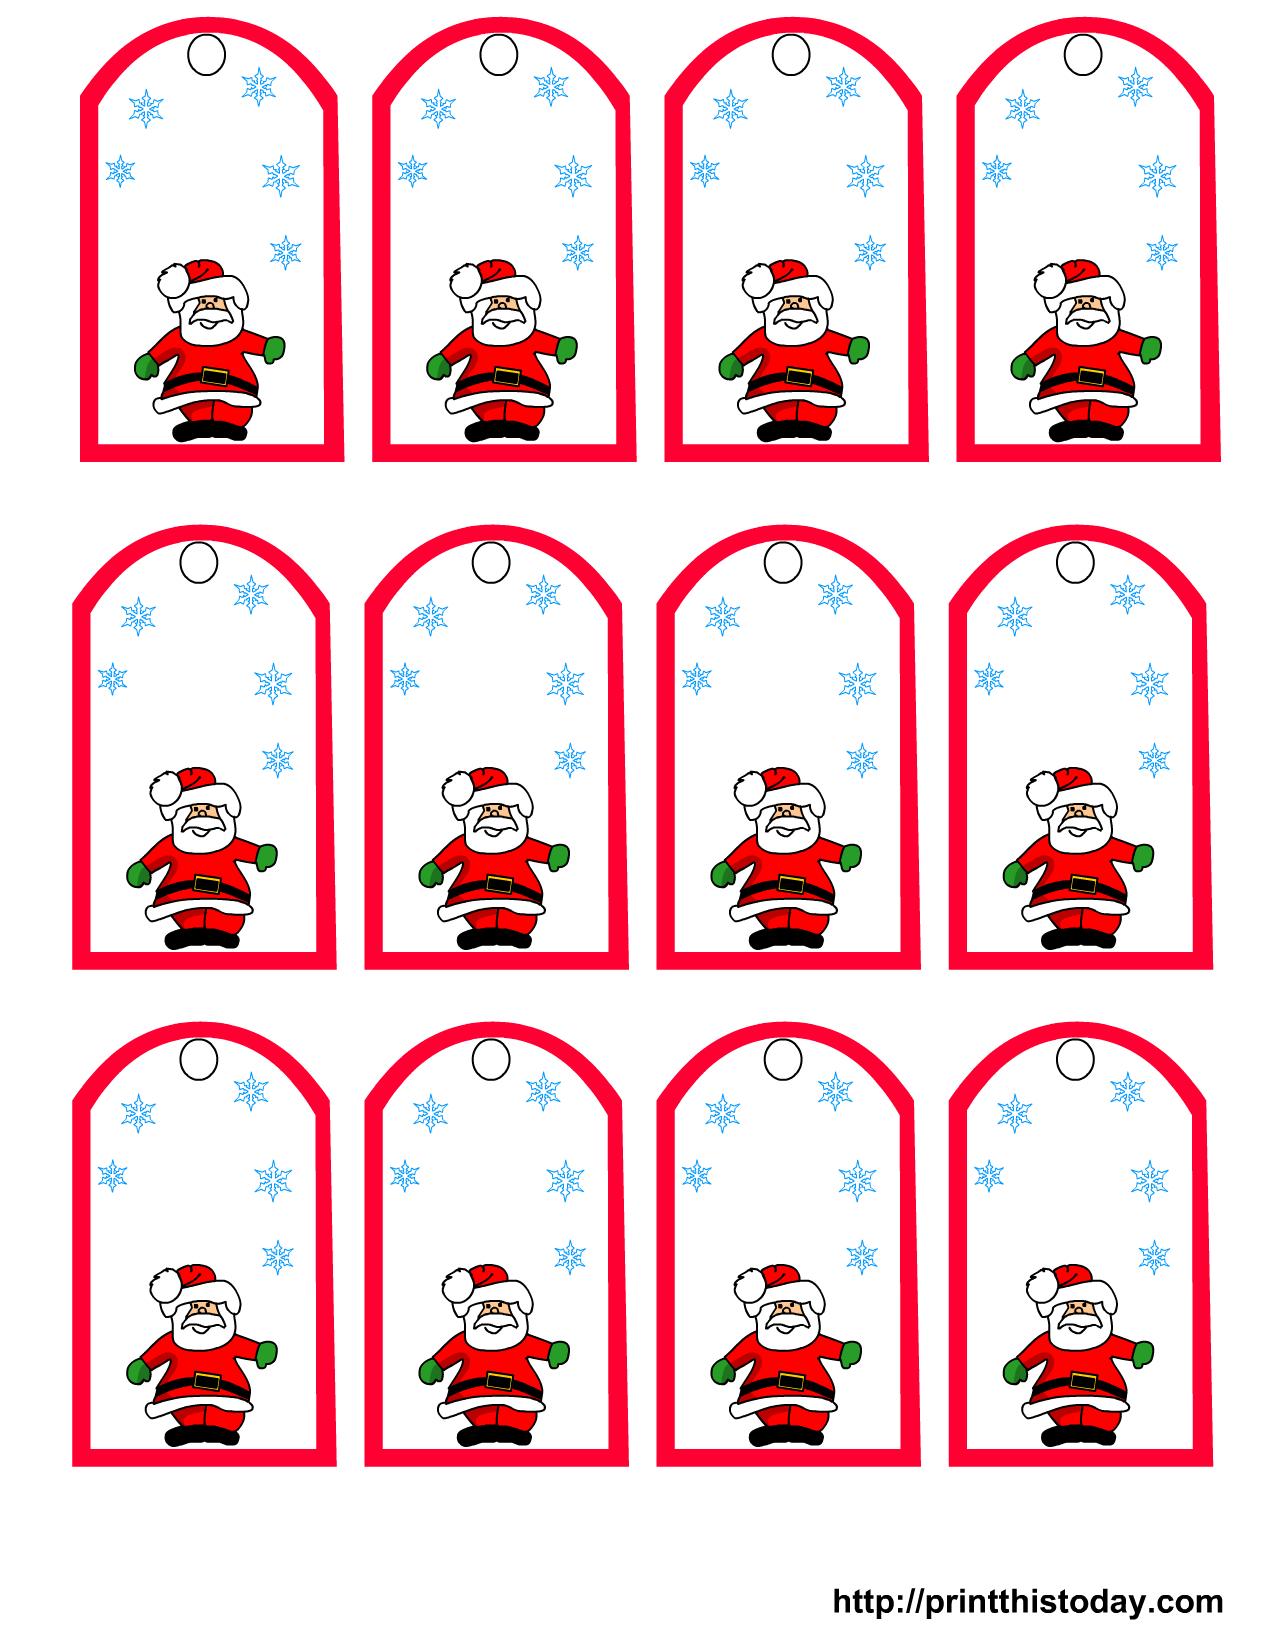 47 Free Printable Christmas Gift Tags (That You Can Edit And - Free Printable Gift Name Tags